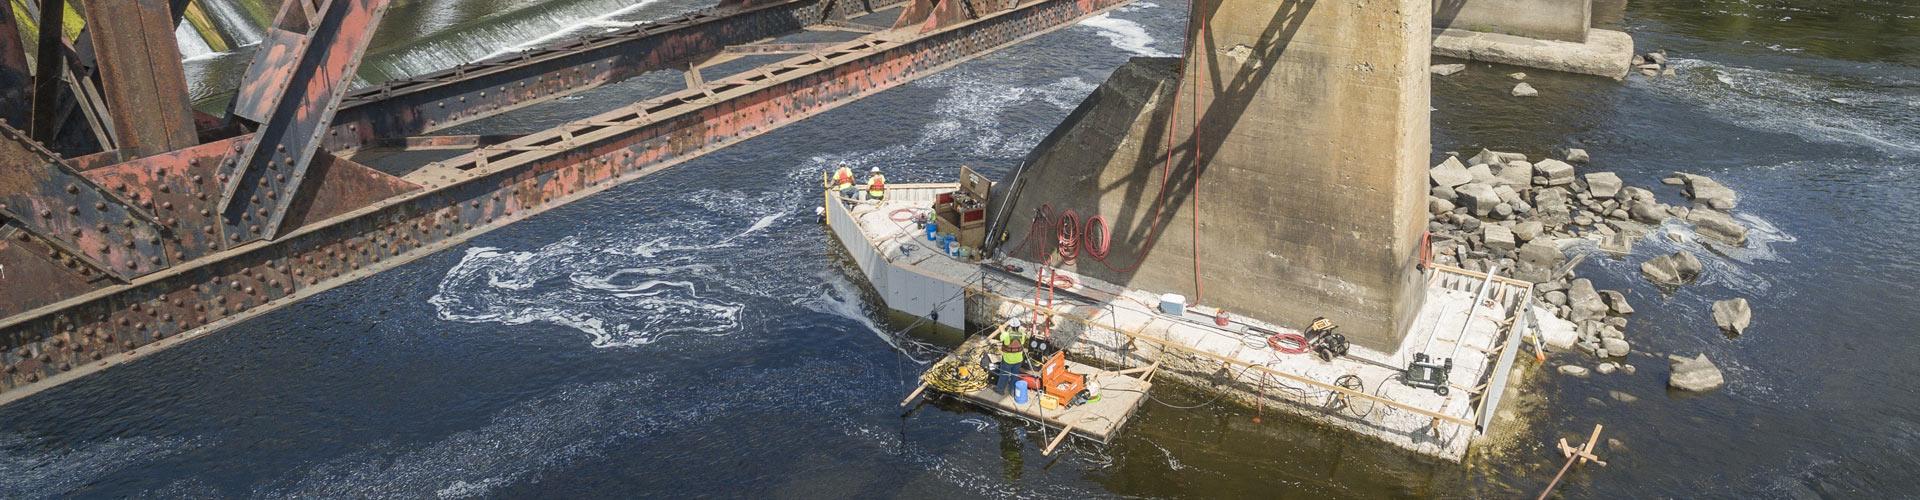 vinyl sheet piling, pier repairs, abutment repairs, concrete repairs, leave in place formwork, railroad bridge pier repairs